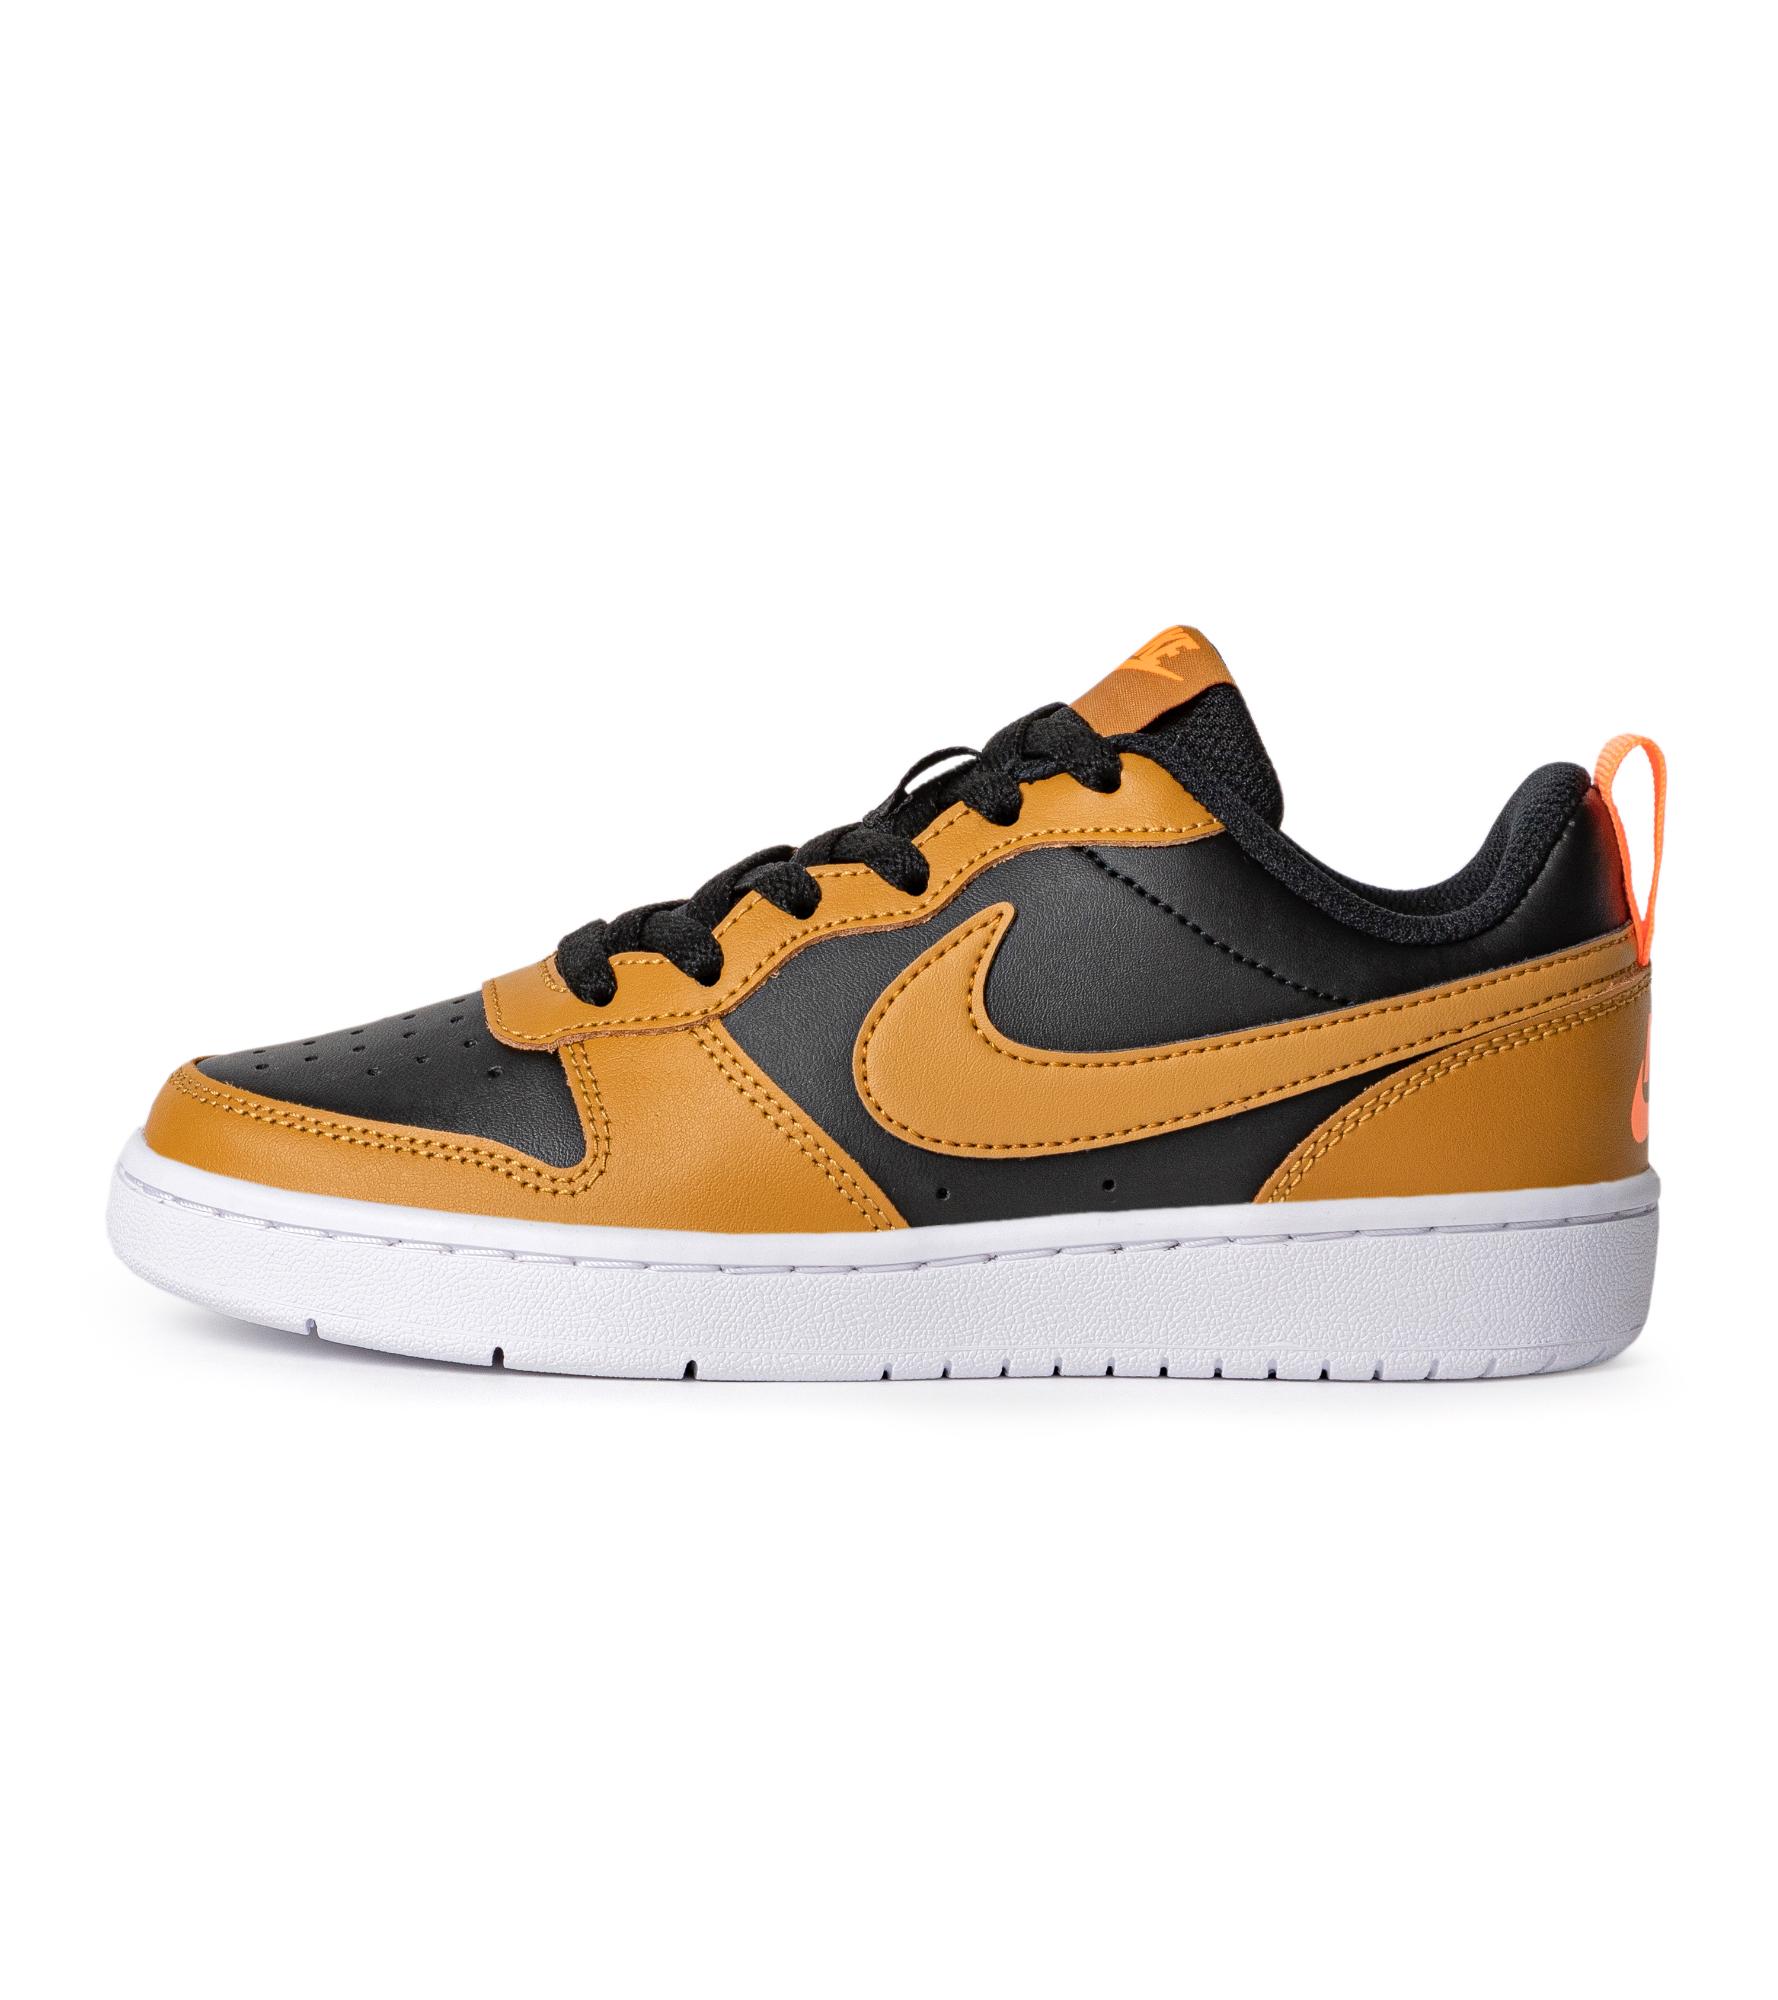 Nike Кеды для мальчиков Court Borough Low 2, размер 34,5